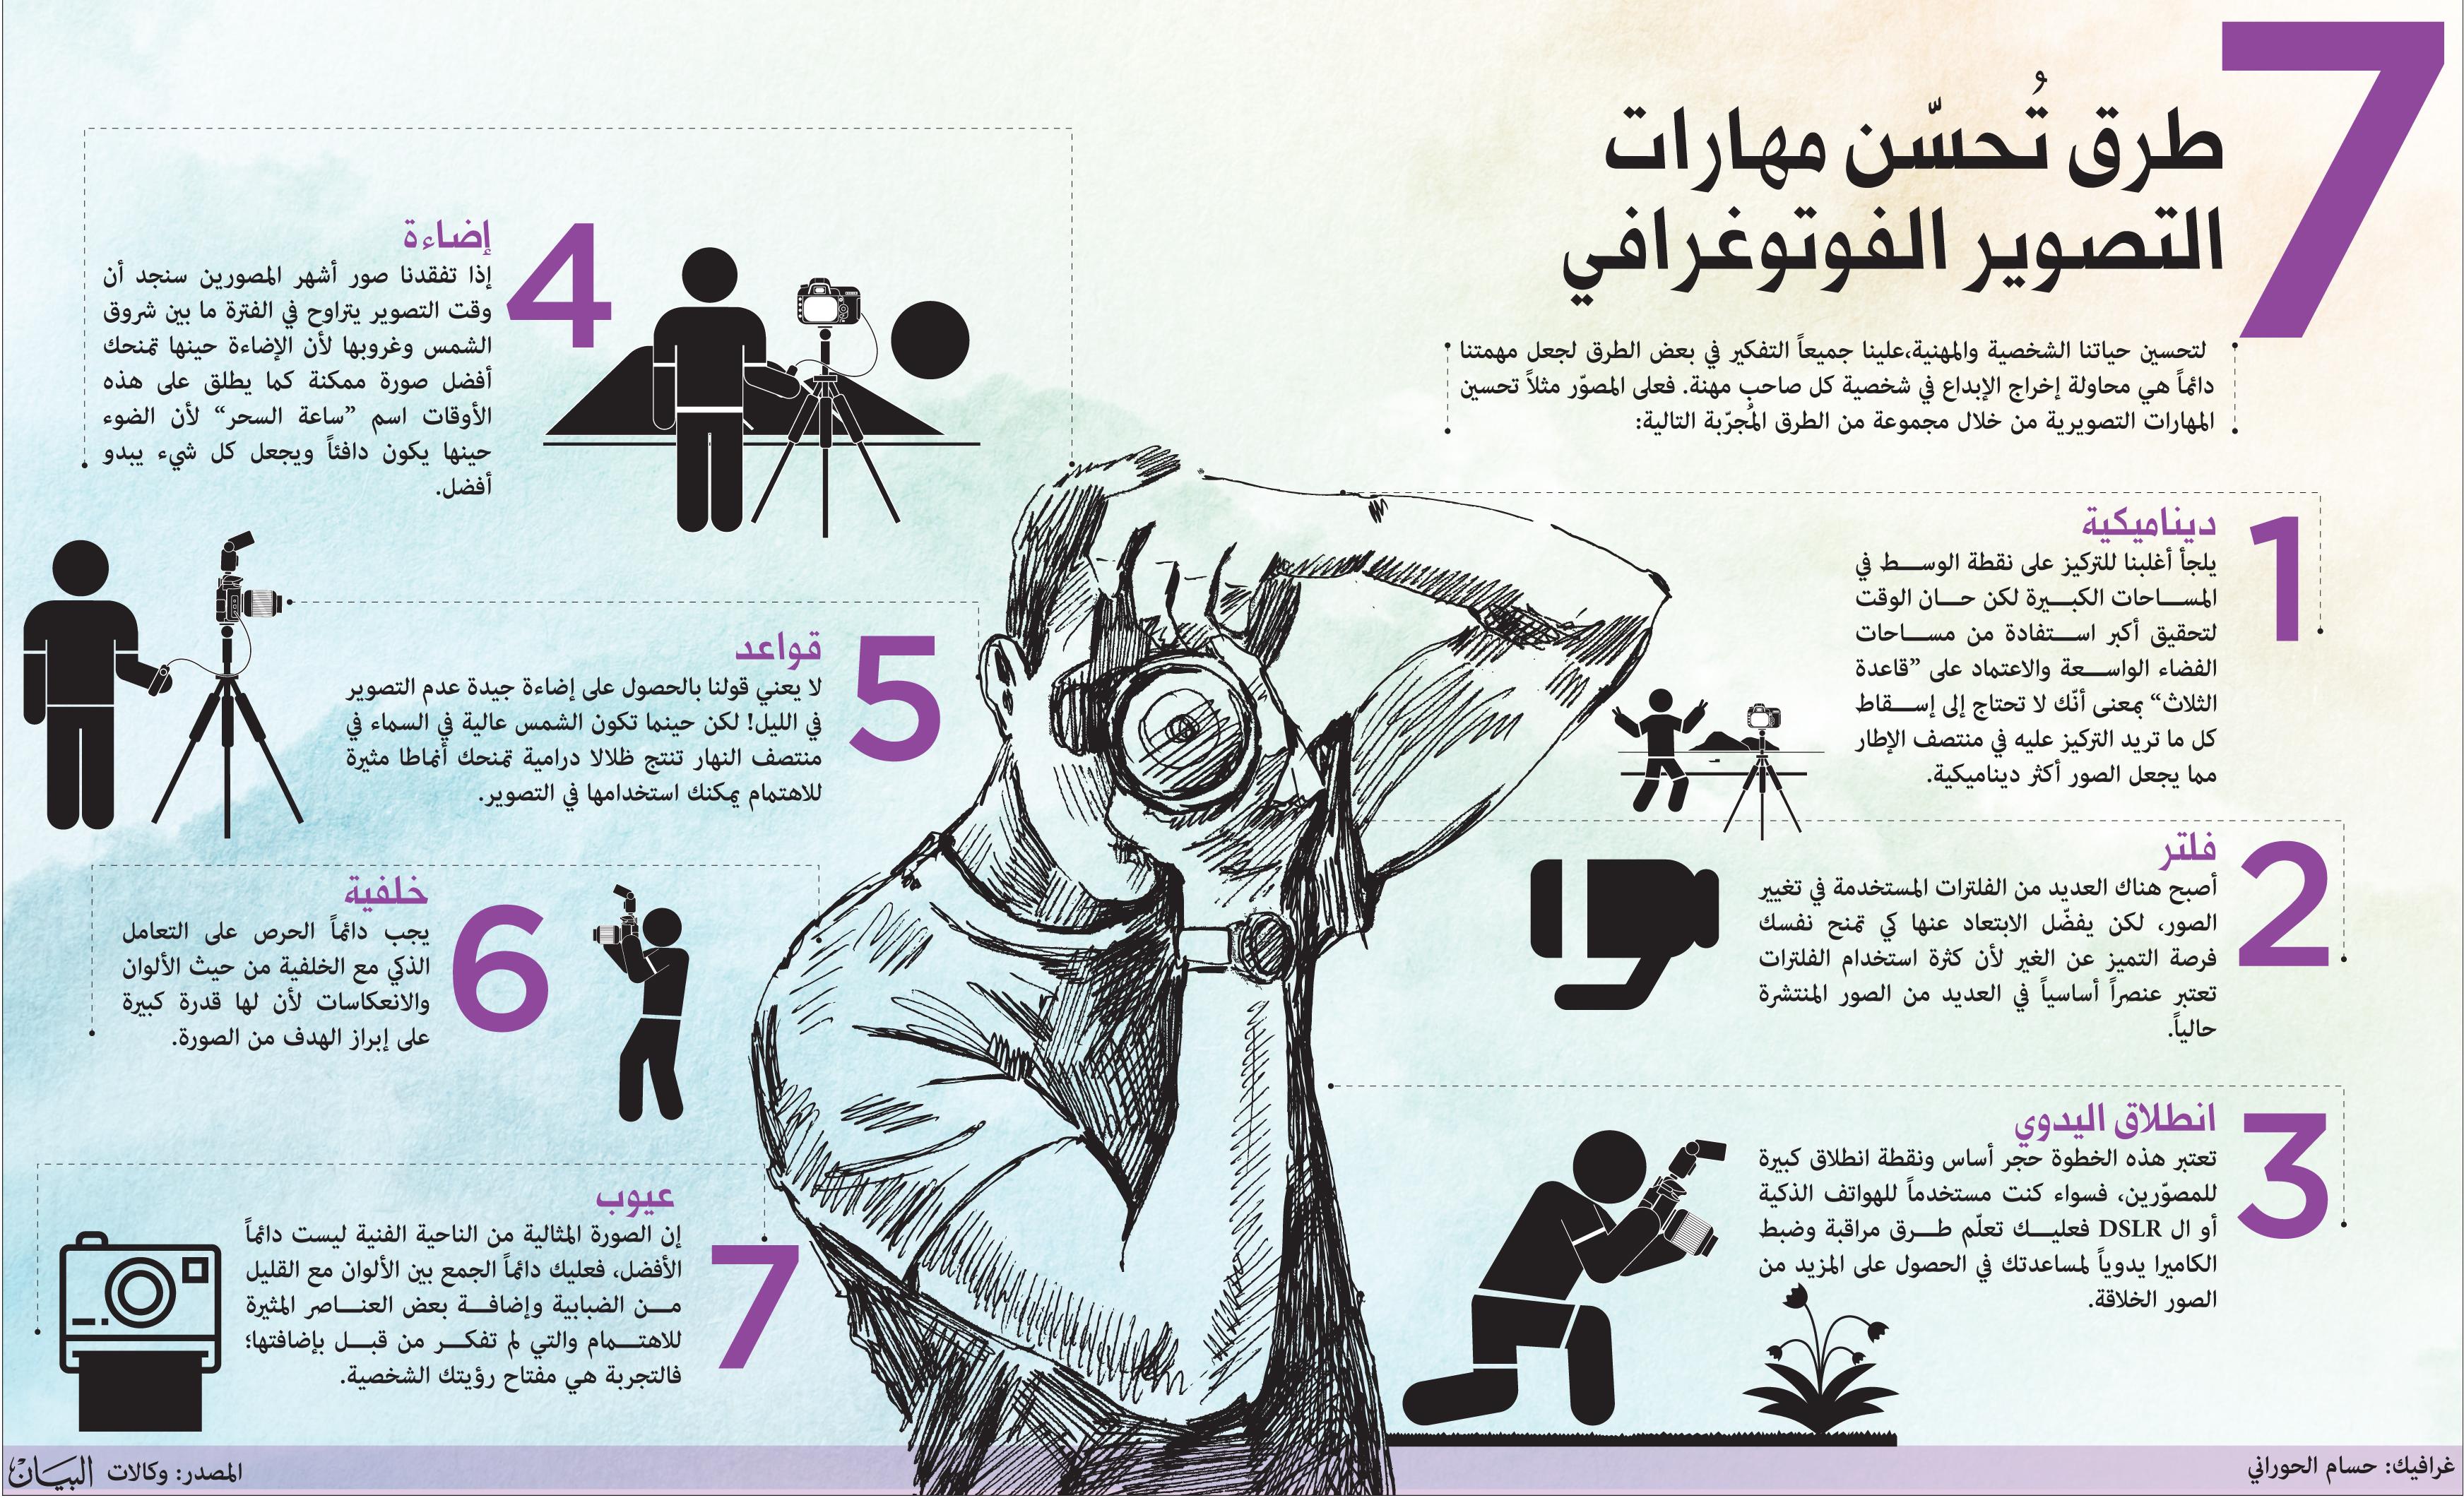 7 طرق تحسن مهارات التصوير الفوتوغرافي - فكر وفن - شرق وغرب - البيان